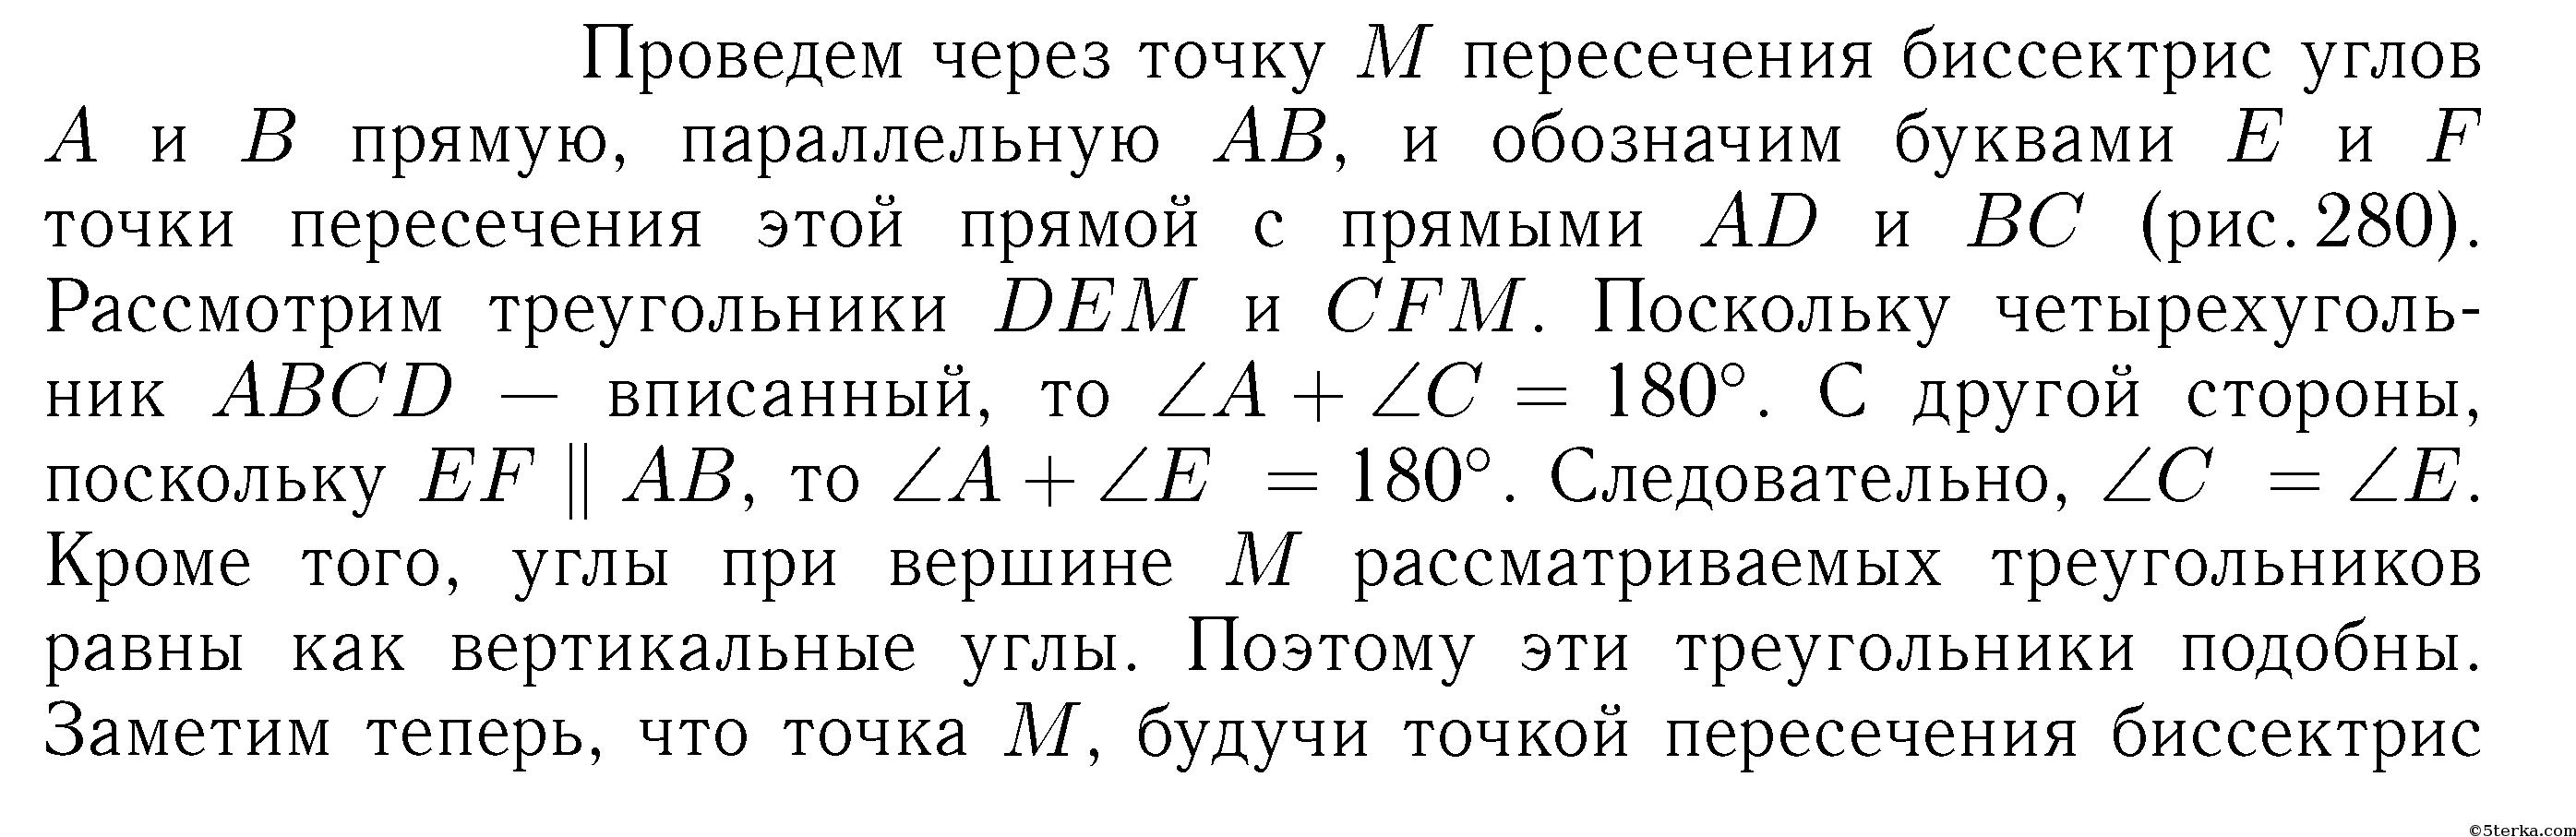 Купить больничный лист в Пушкино официально задним числом юзао